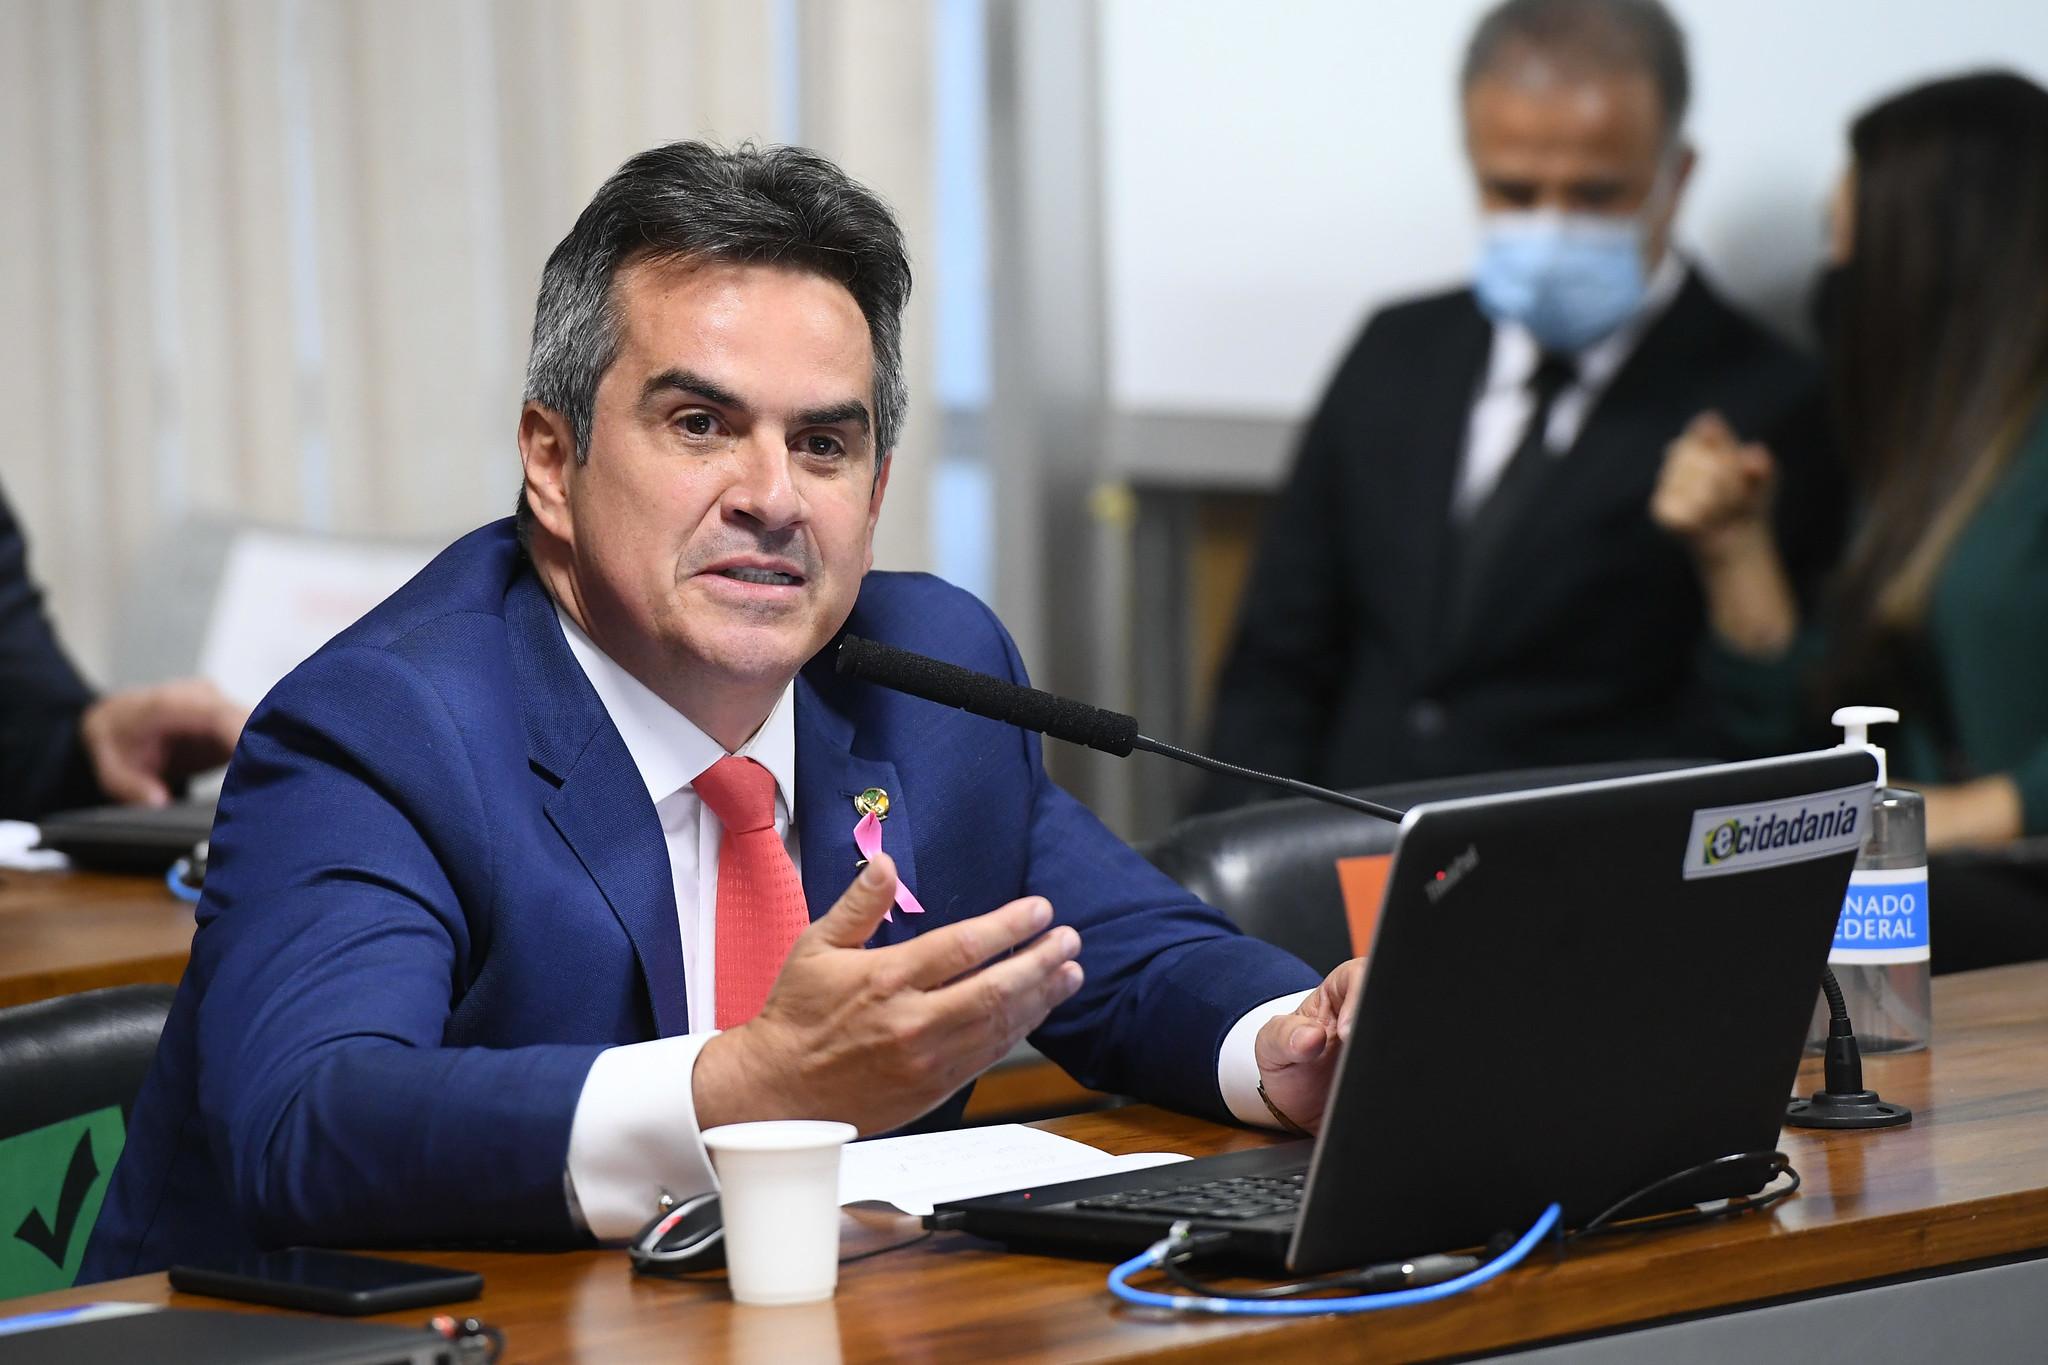 À bancada, em pronunciamento, senador Ciro Nogueira (PP-PI)